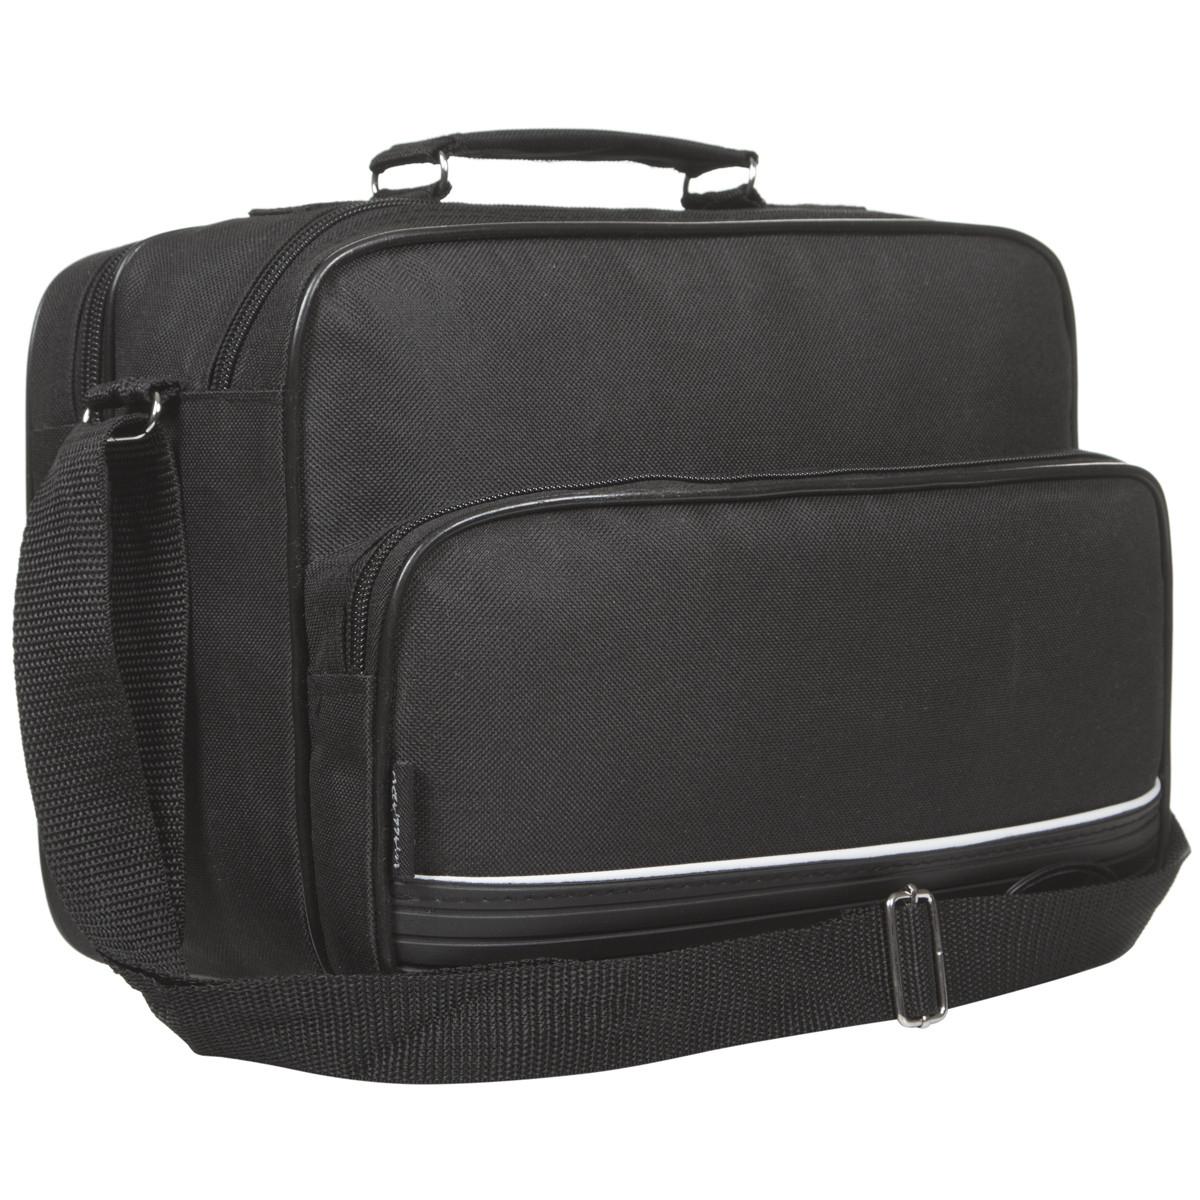 Мужская сумка Wallaby 3 отделения , ткань полиестр с ПВХ 31х22х15 тканевая ручка в 2130